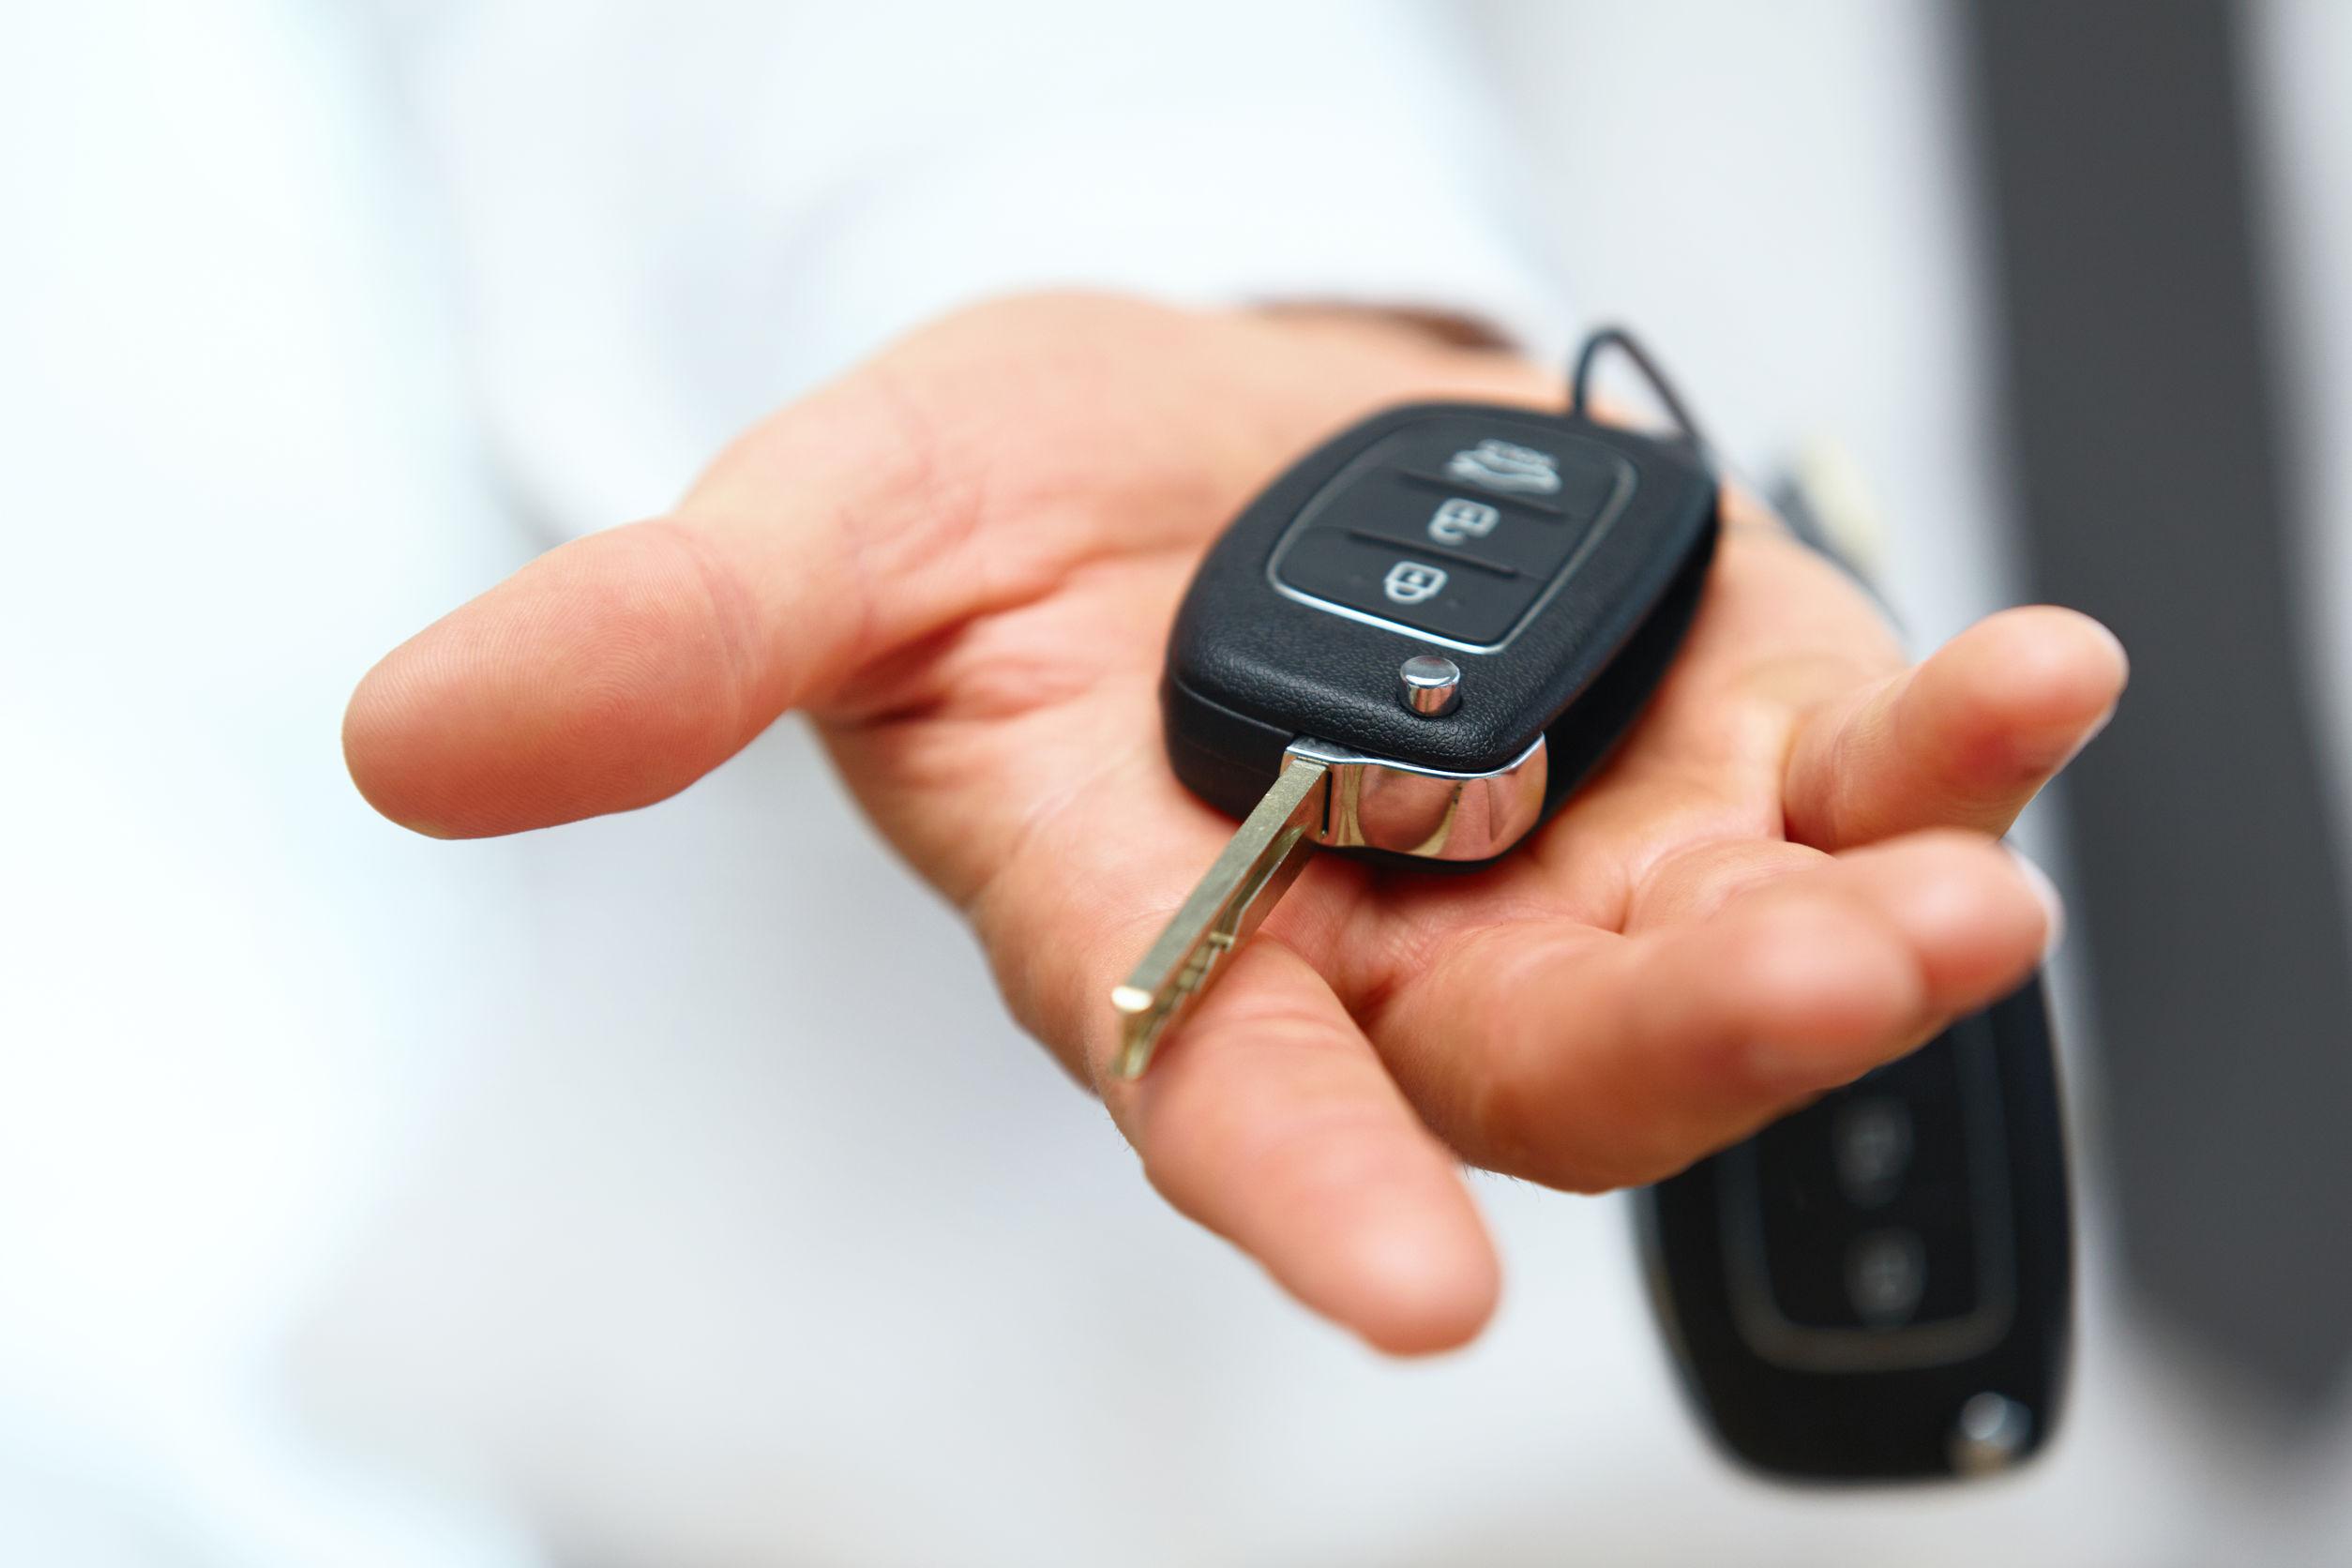 Smarrimento Chiavi Auto Serve Fare La Denuncia